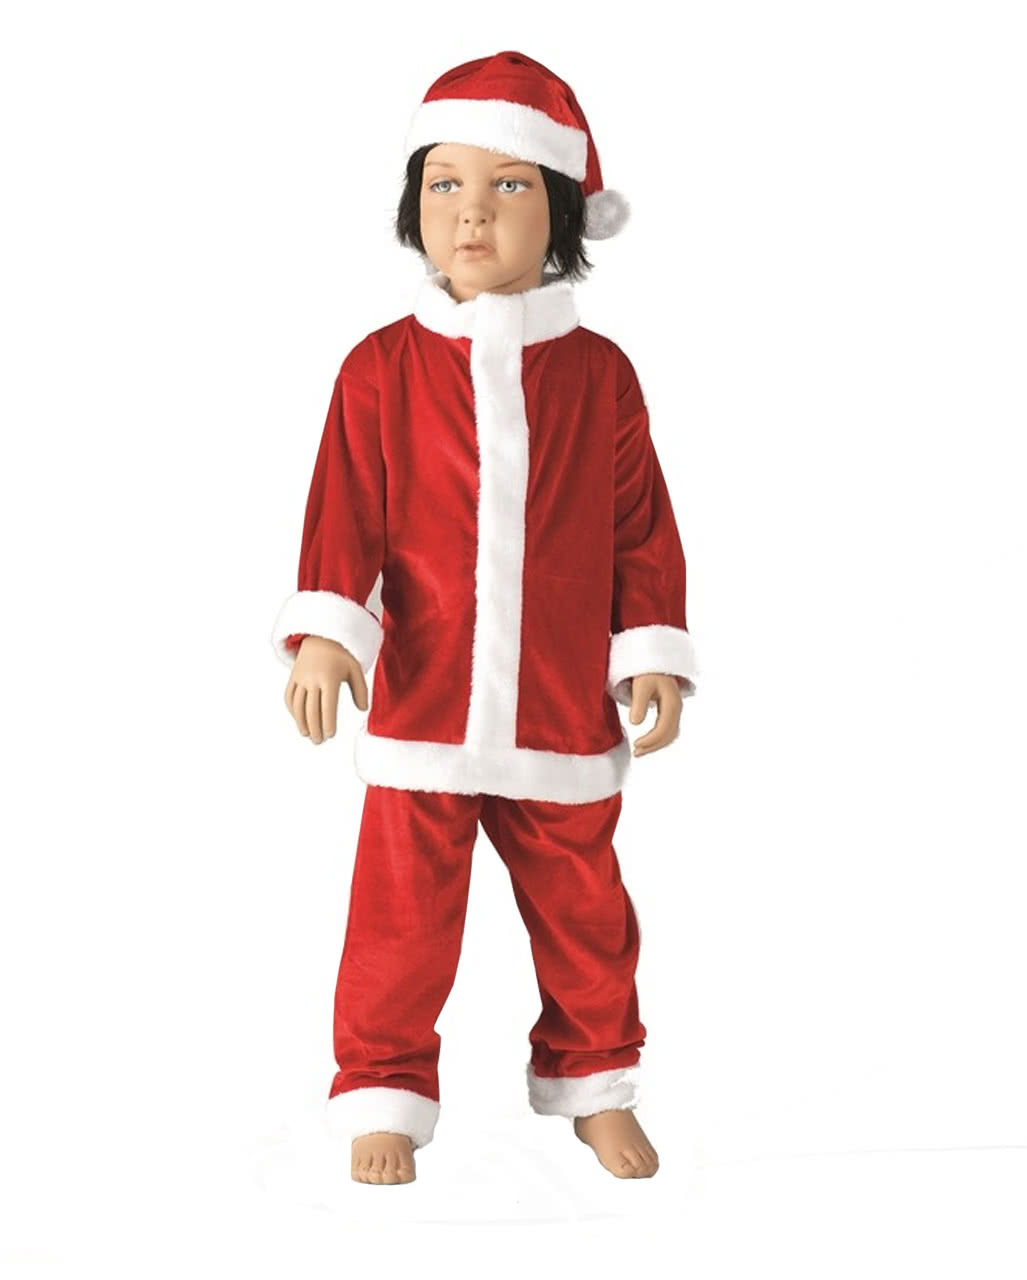 santa claus costume - Santa Claus Coat